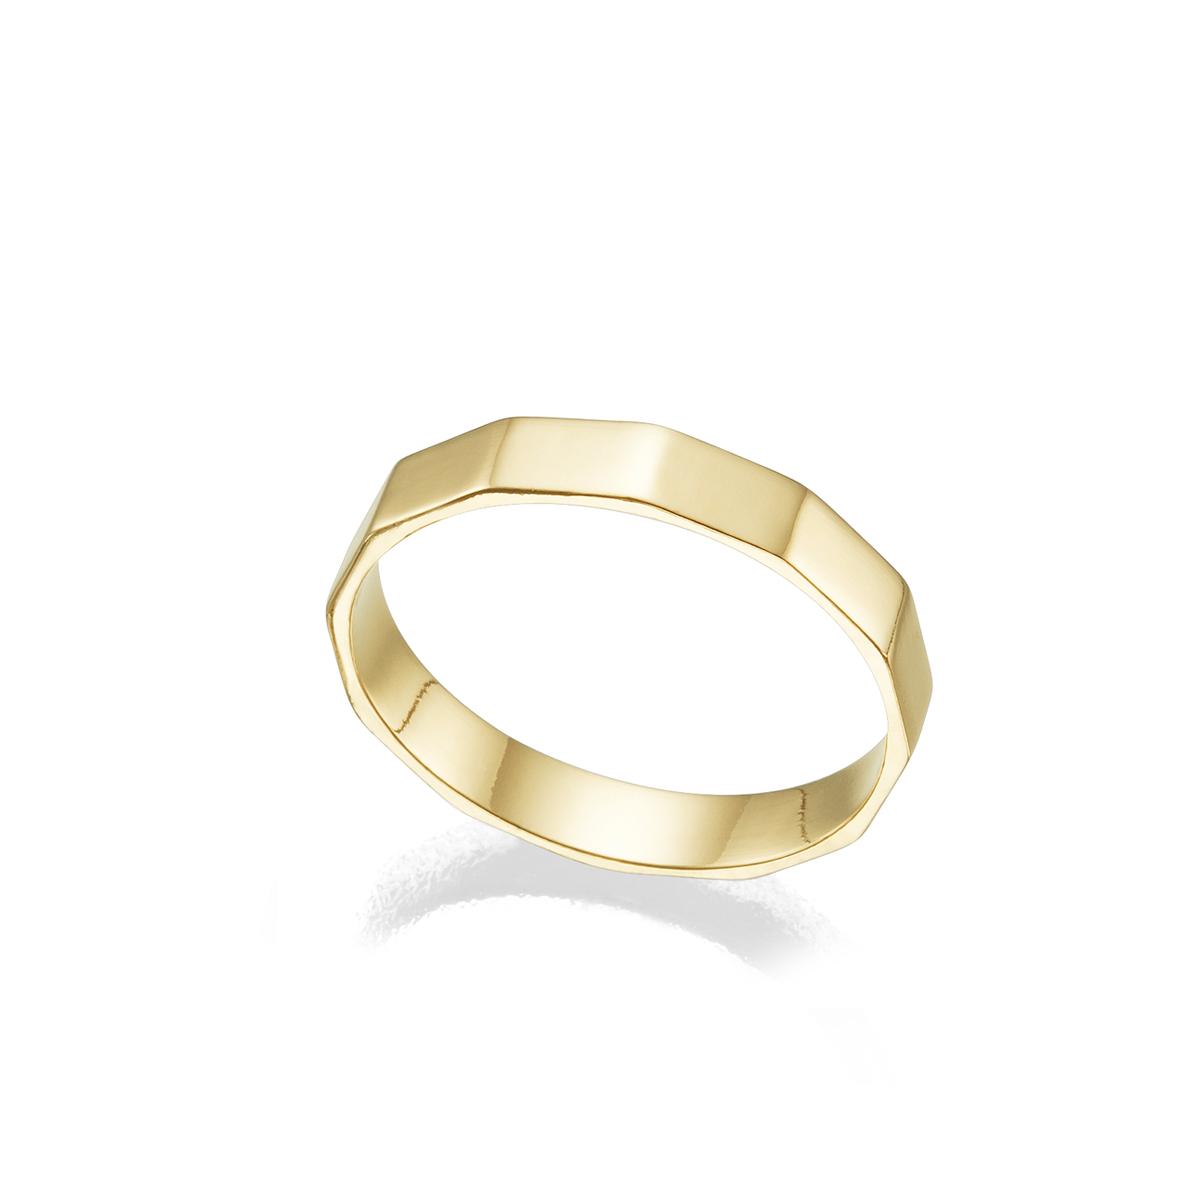 טבעת זהב לגבר בצורת אום